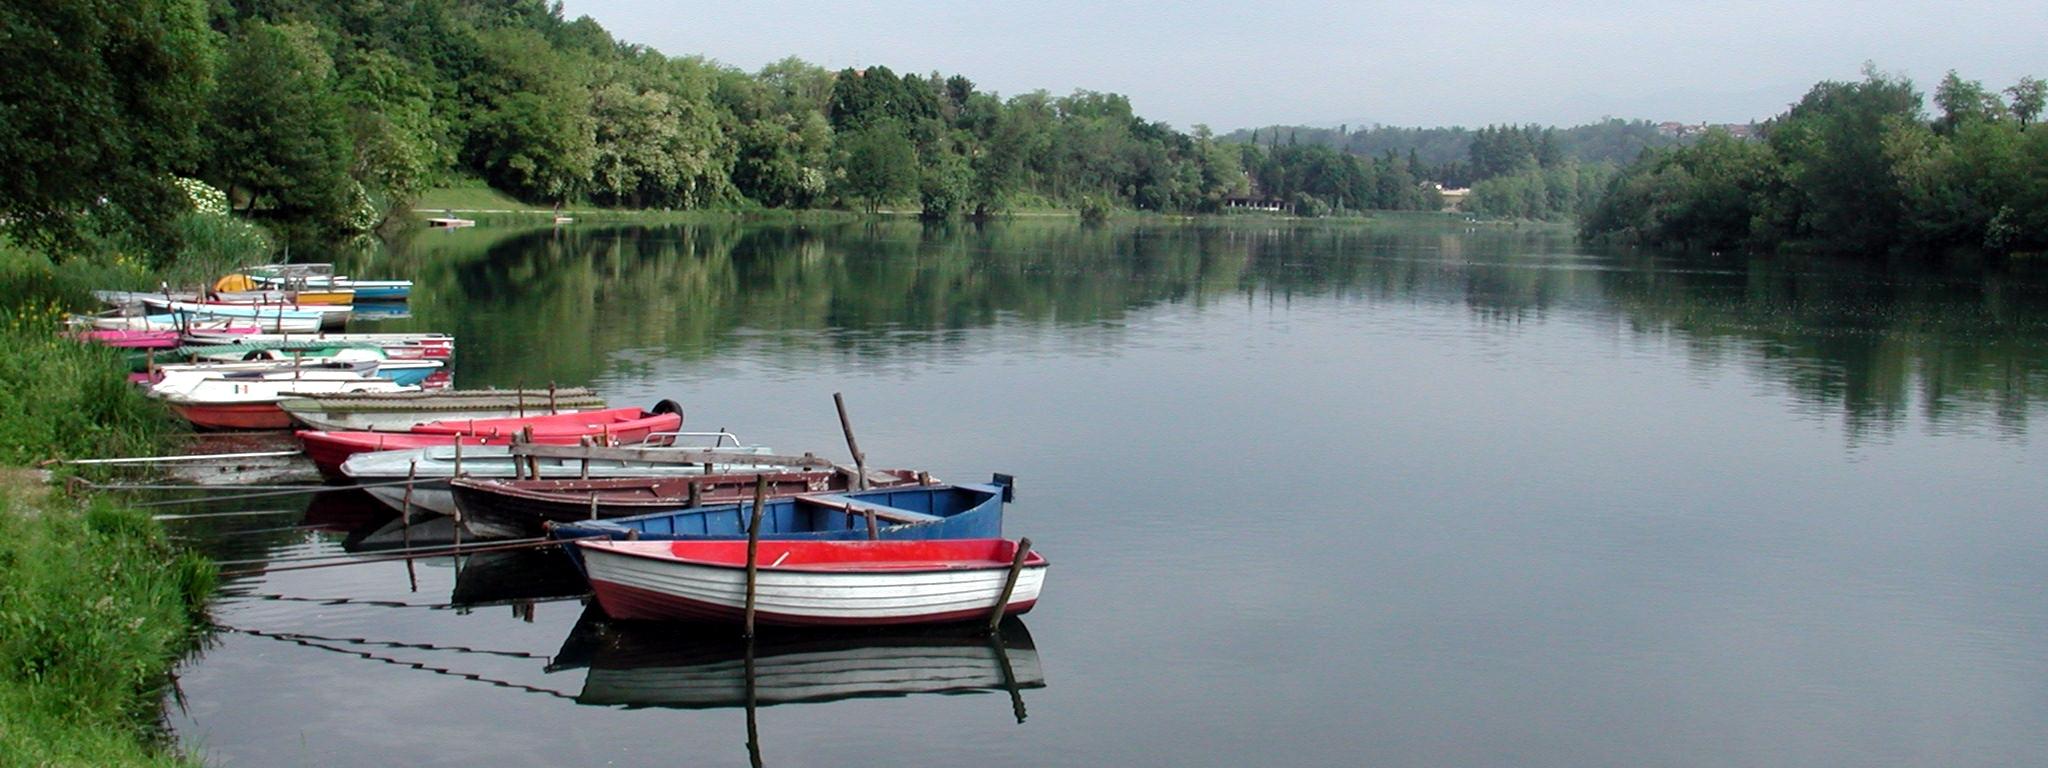 Descrizione adda fiume barche